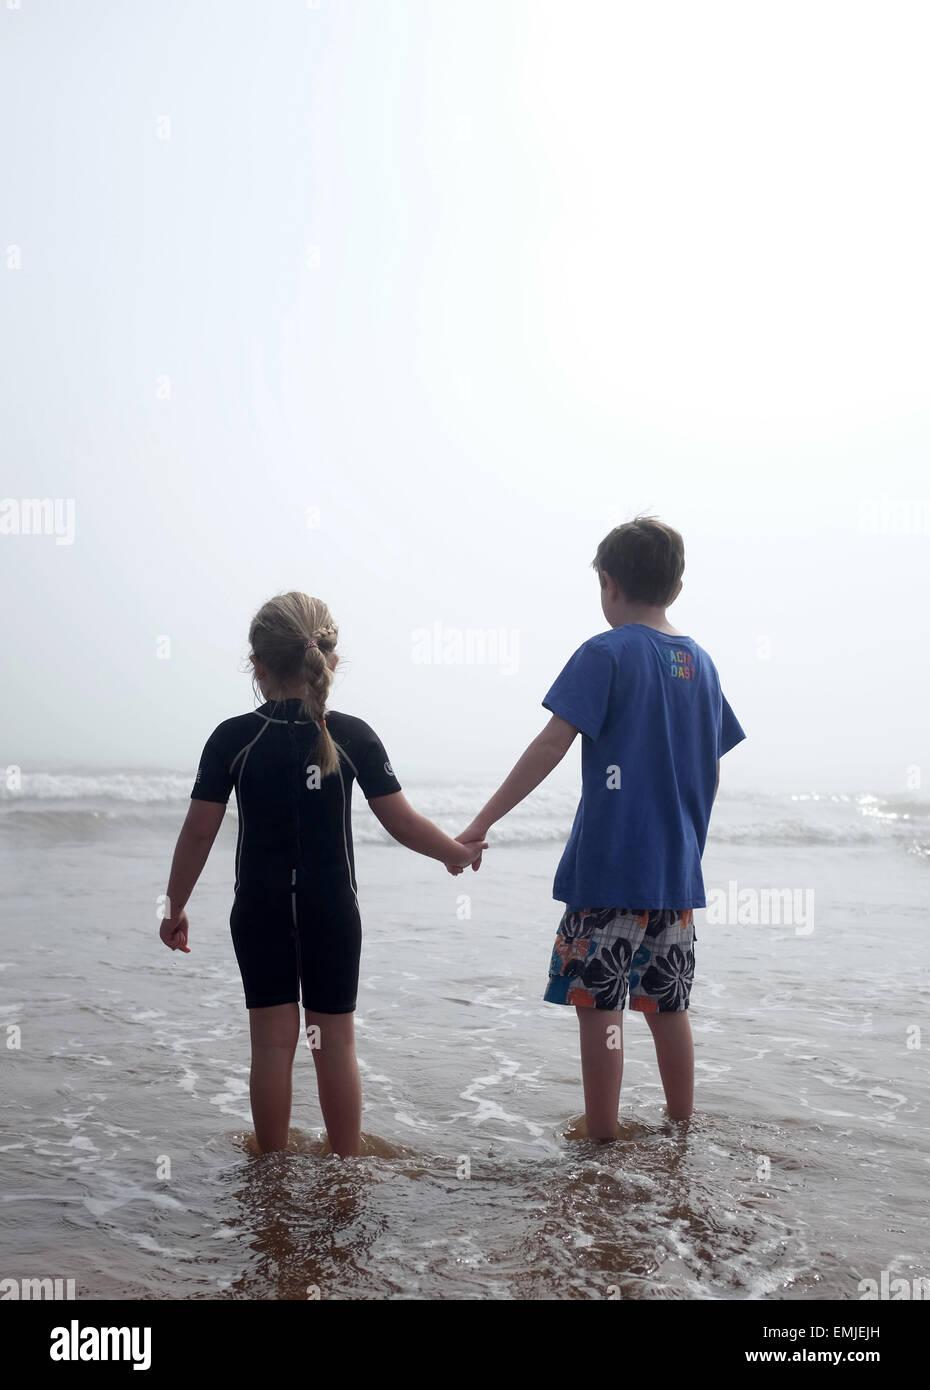 Un ragazzo e una ragazza tenendo le mani si affacciano verso il mare in un giorno di nebbia Immagini Stock